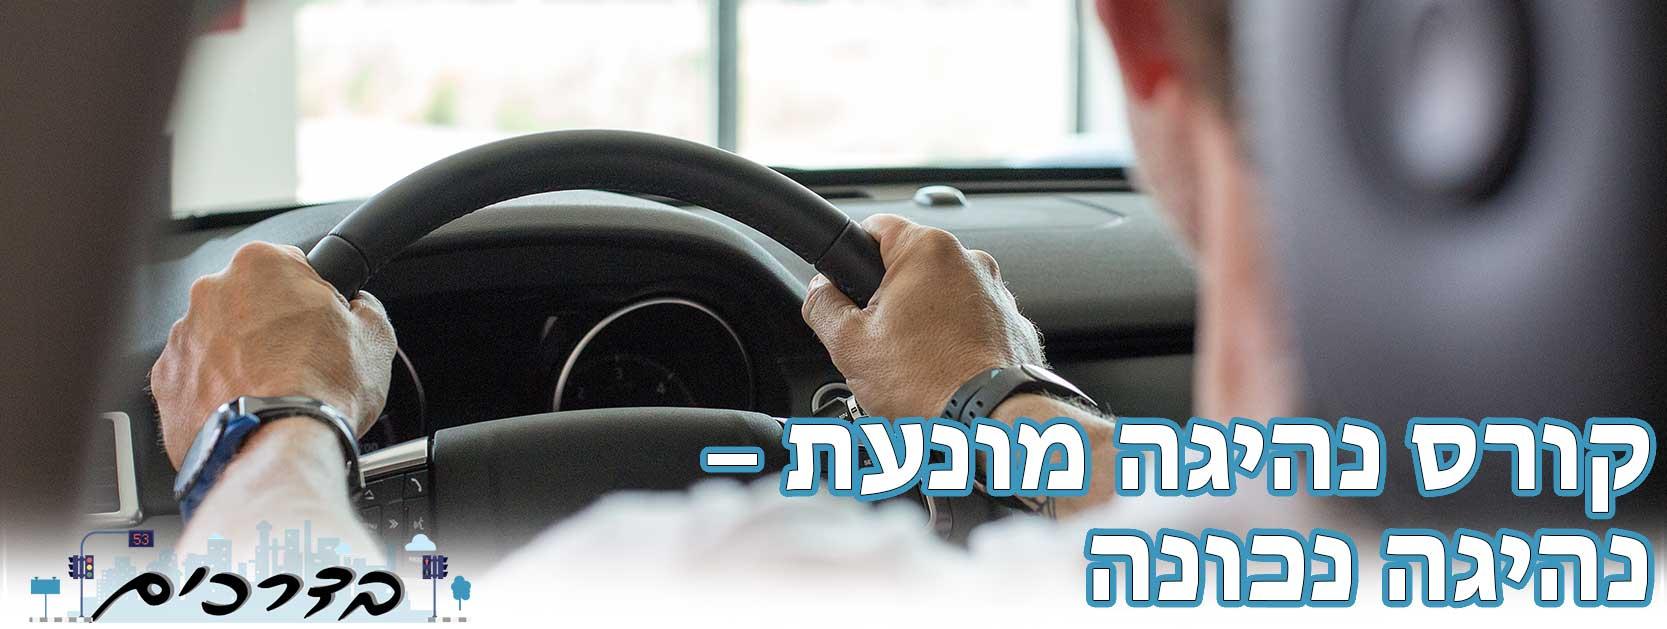 קורס נהיגה מונעת – נהיגה נכונה